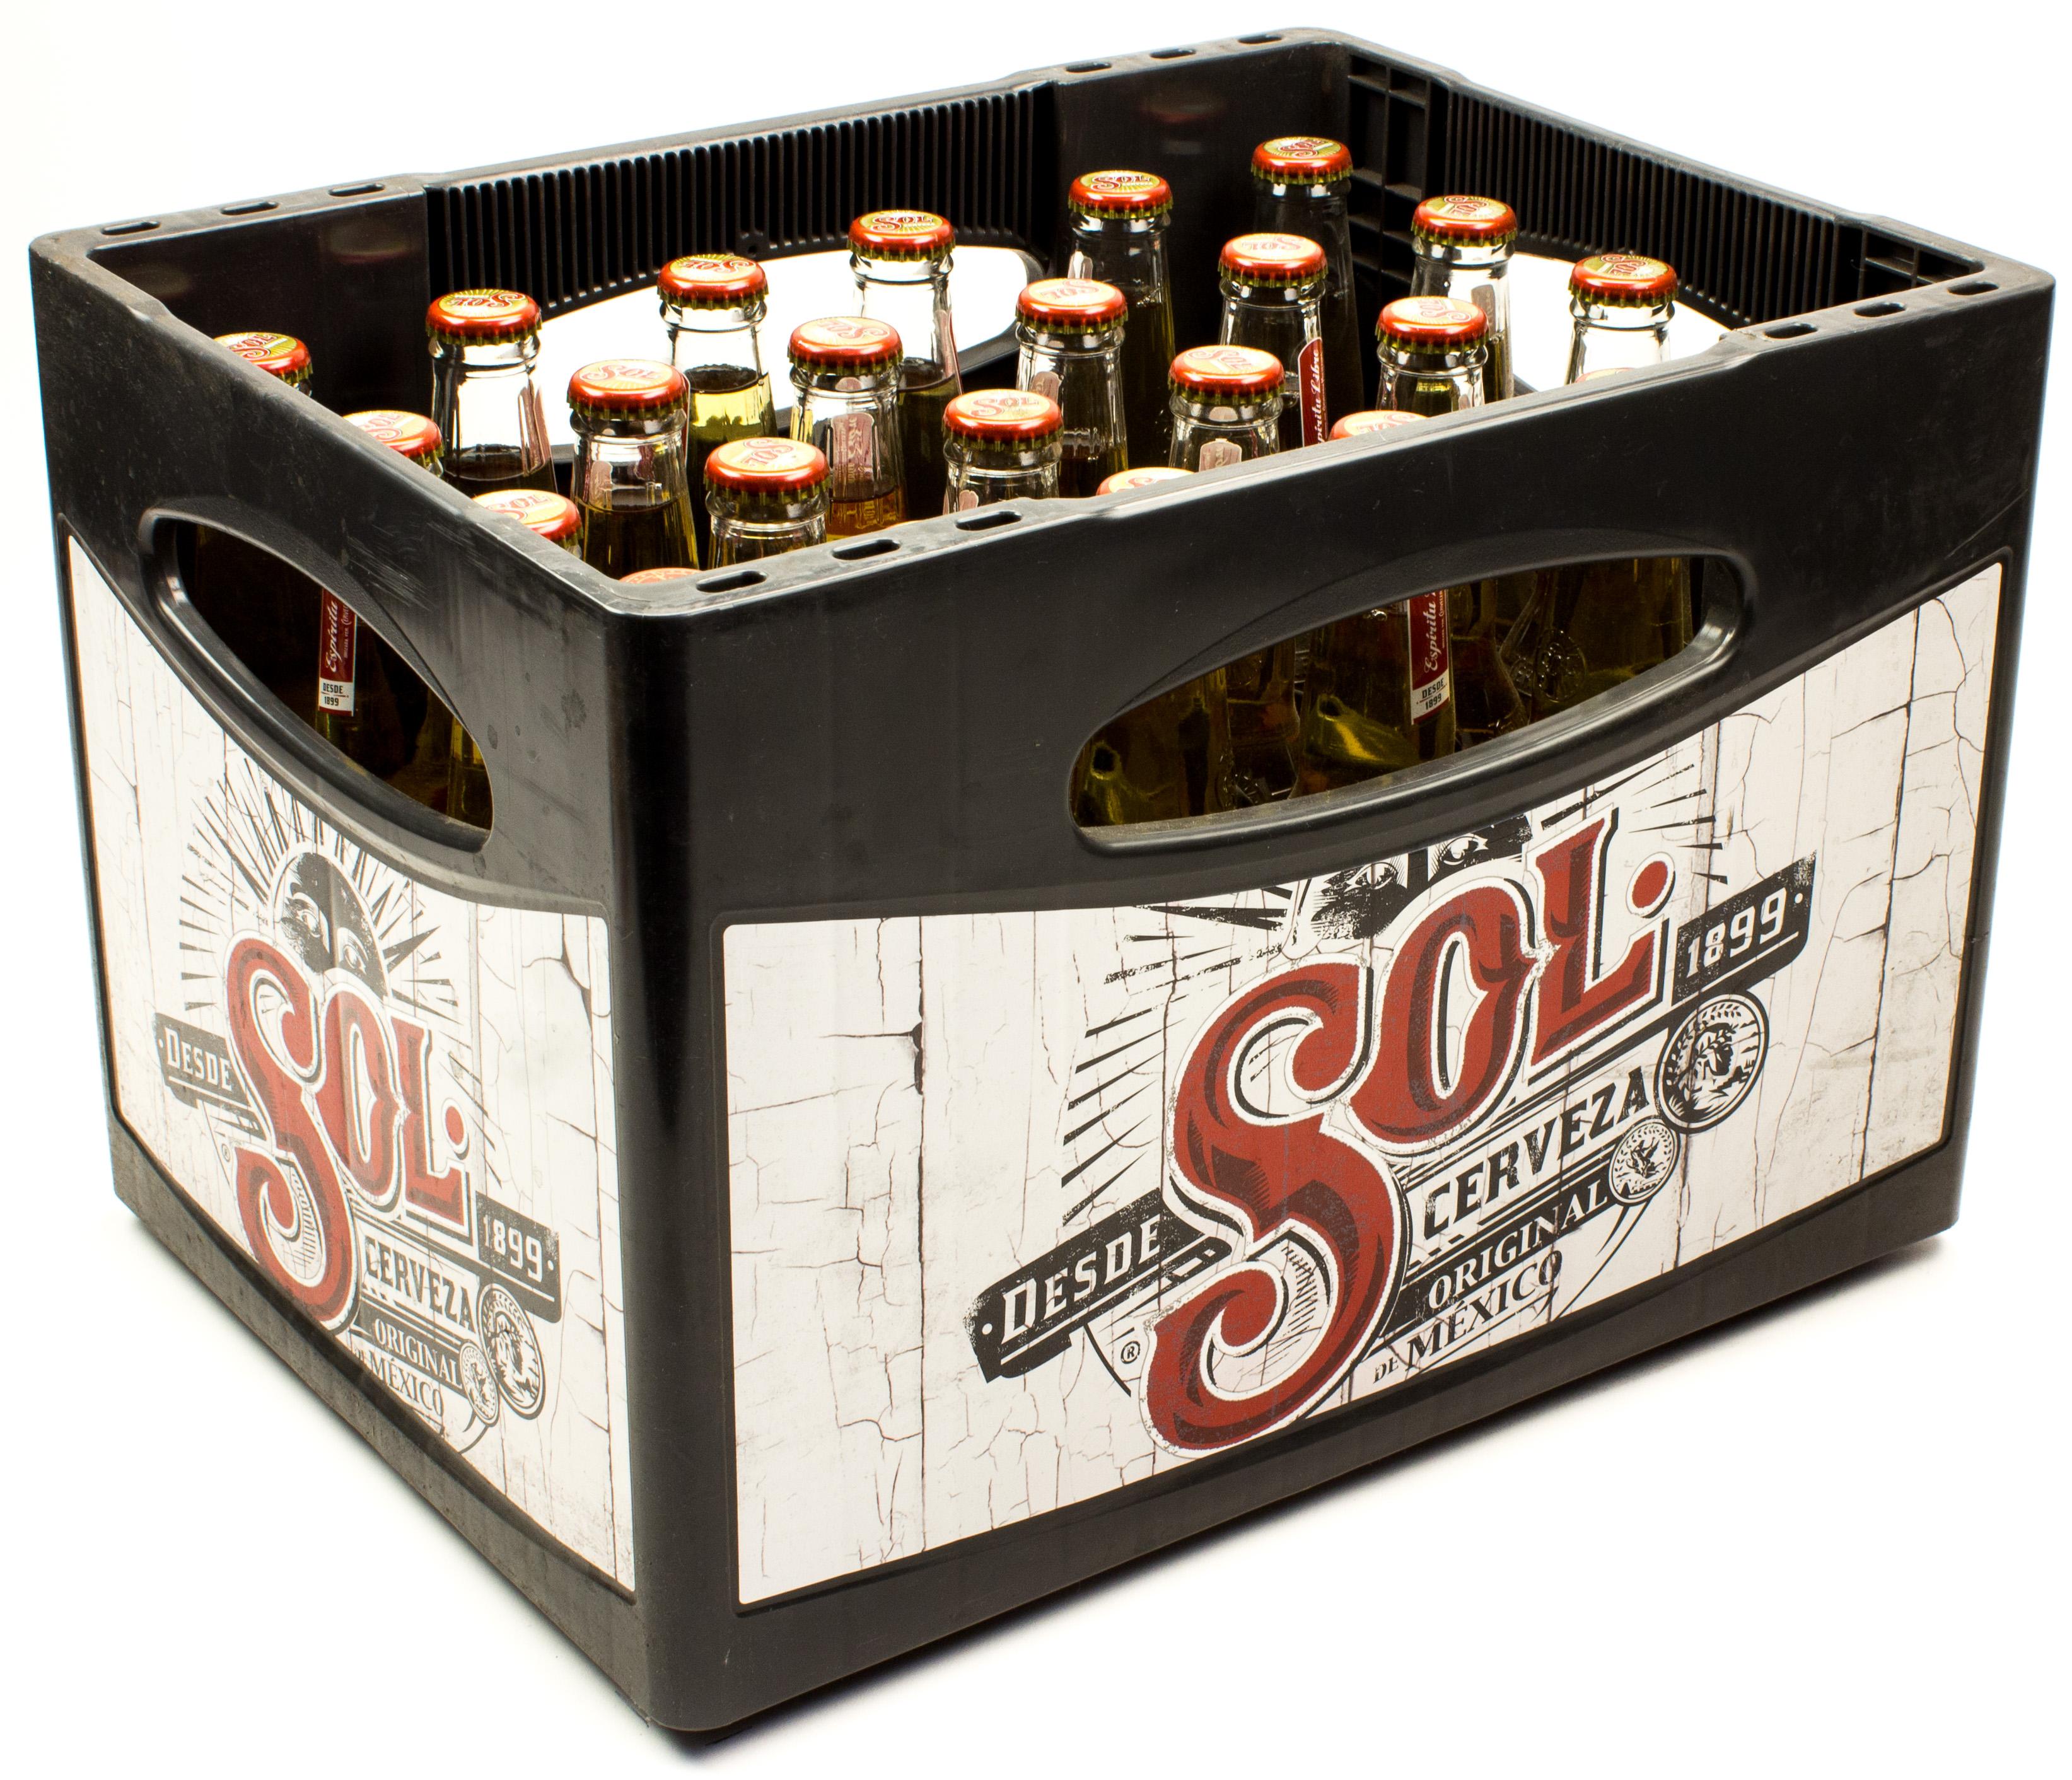 Sol Cerveza Kasten 24 X 033 L Glas Mehrweg